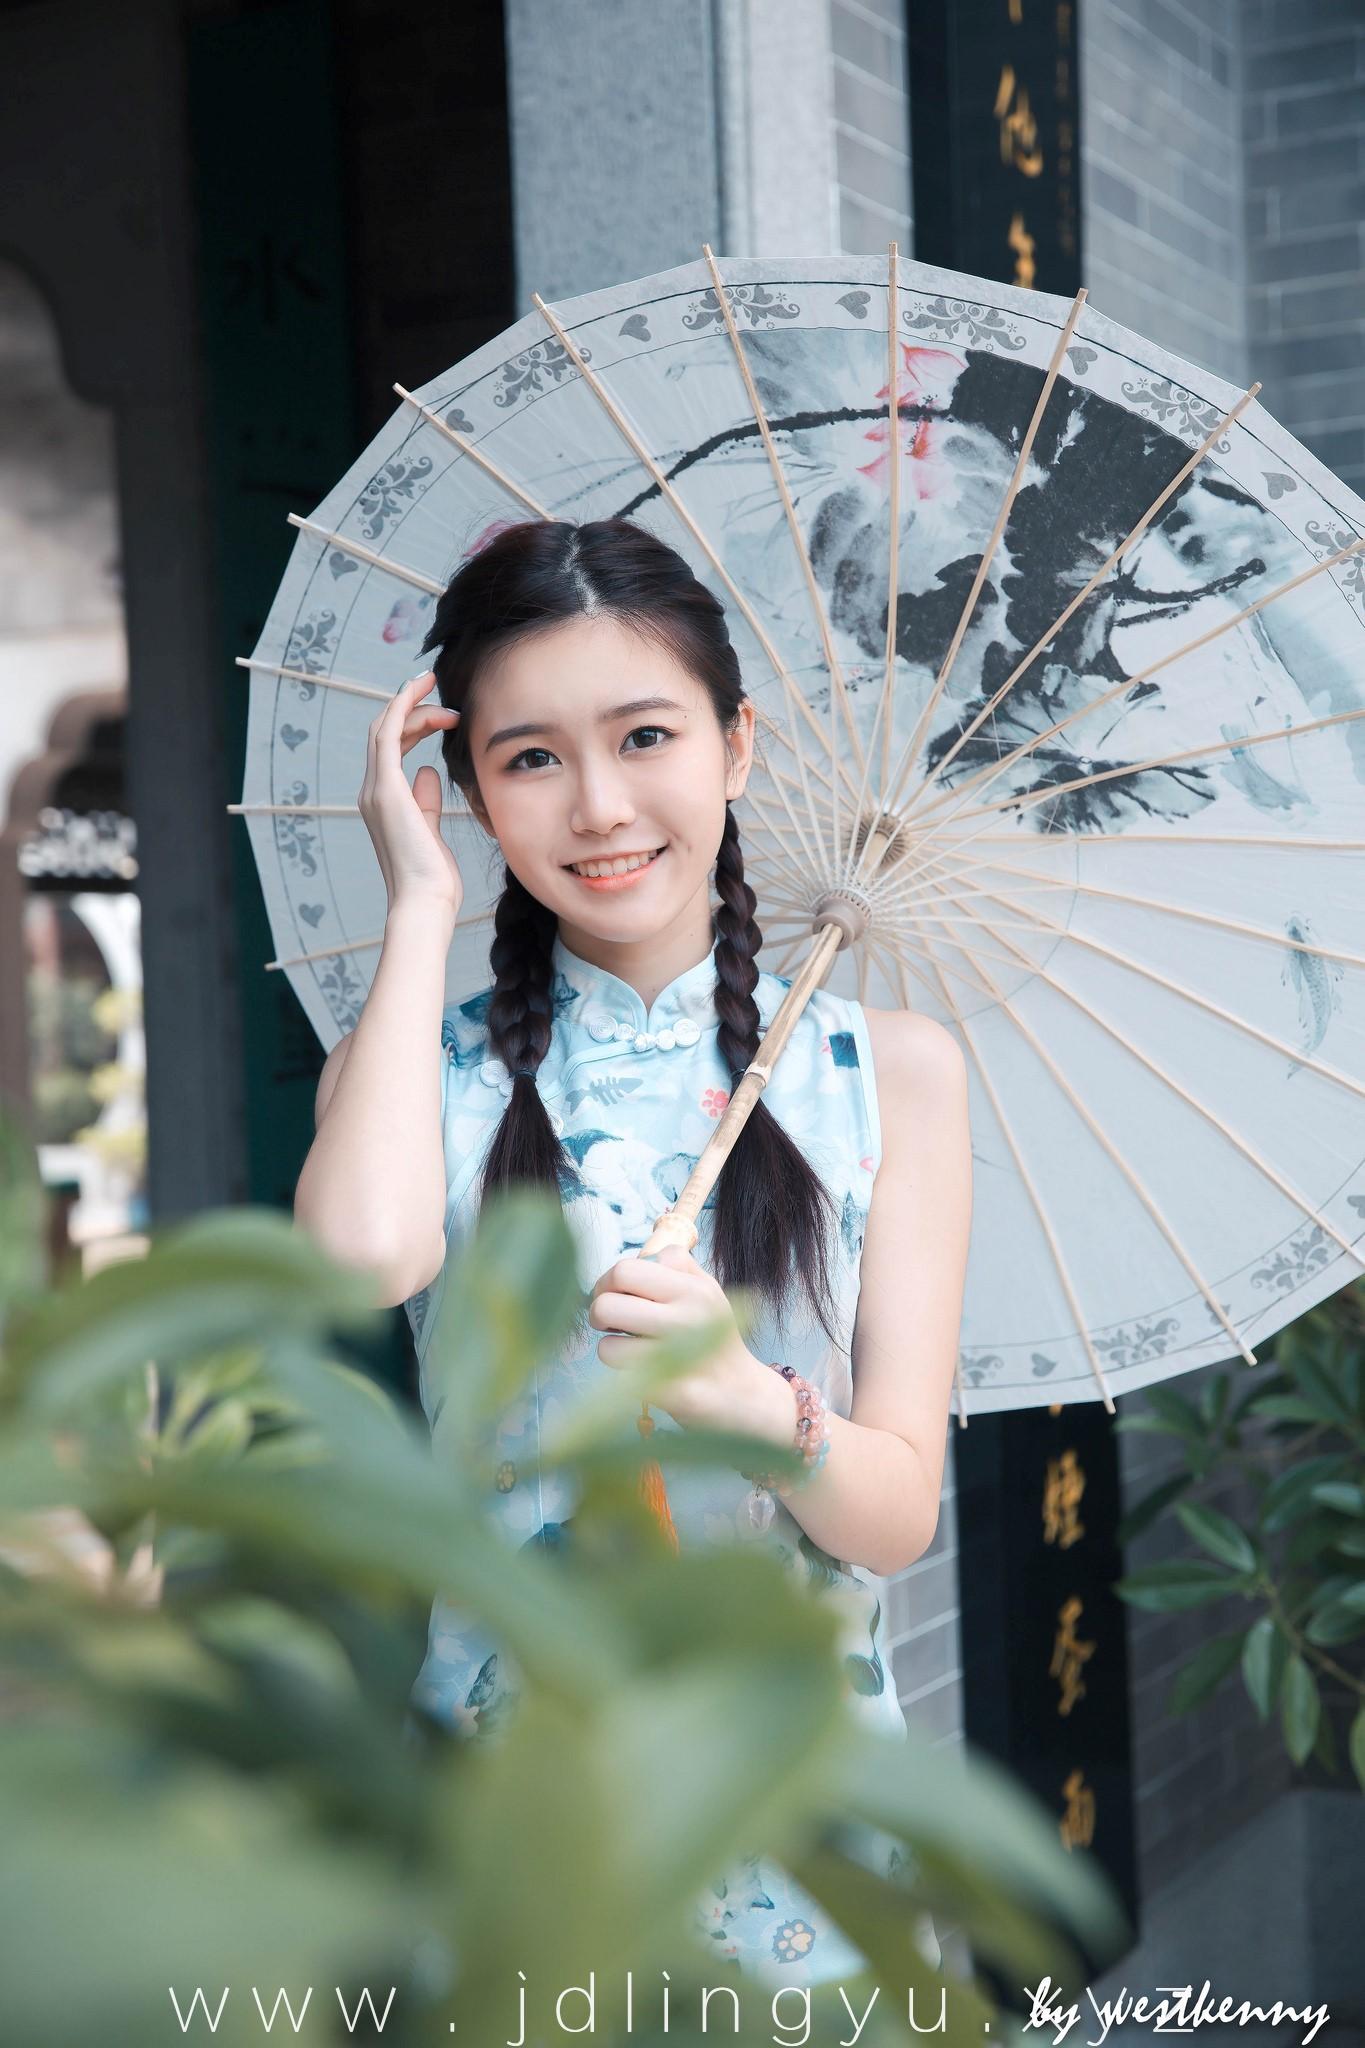 撑伞的妹子